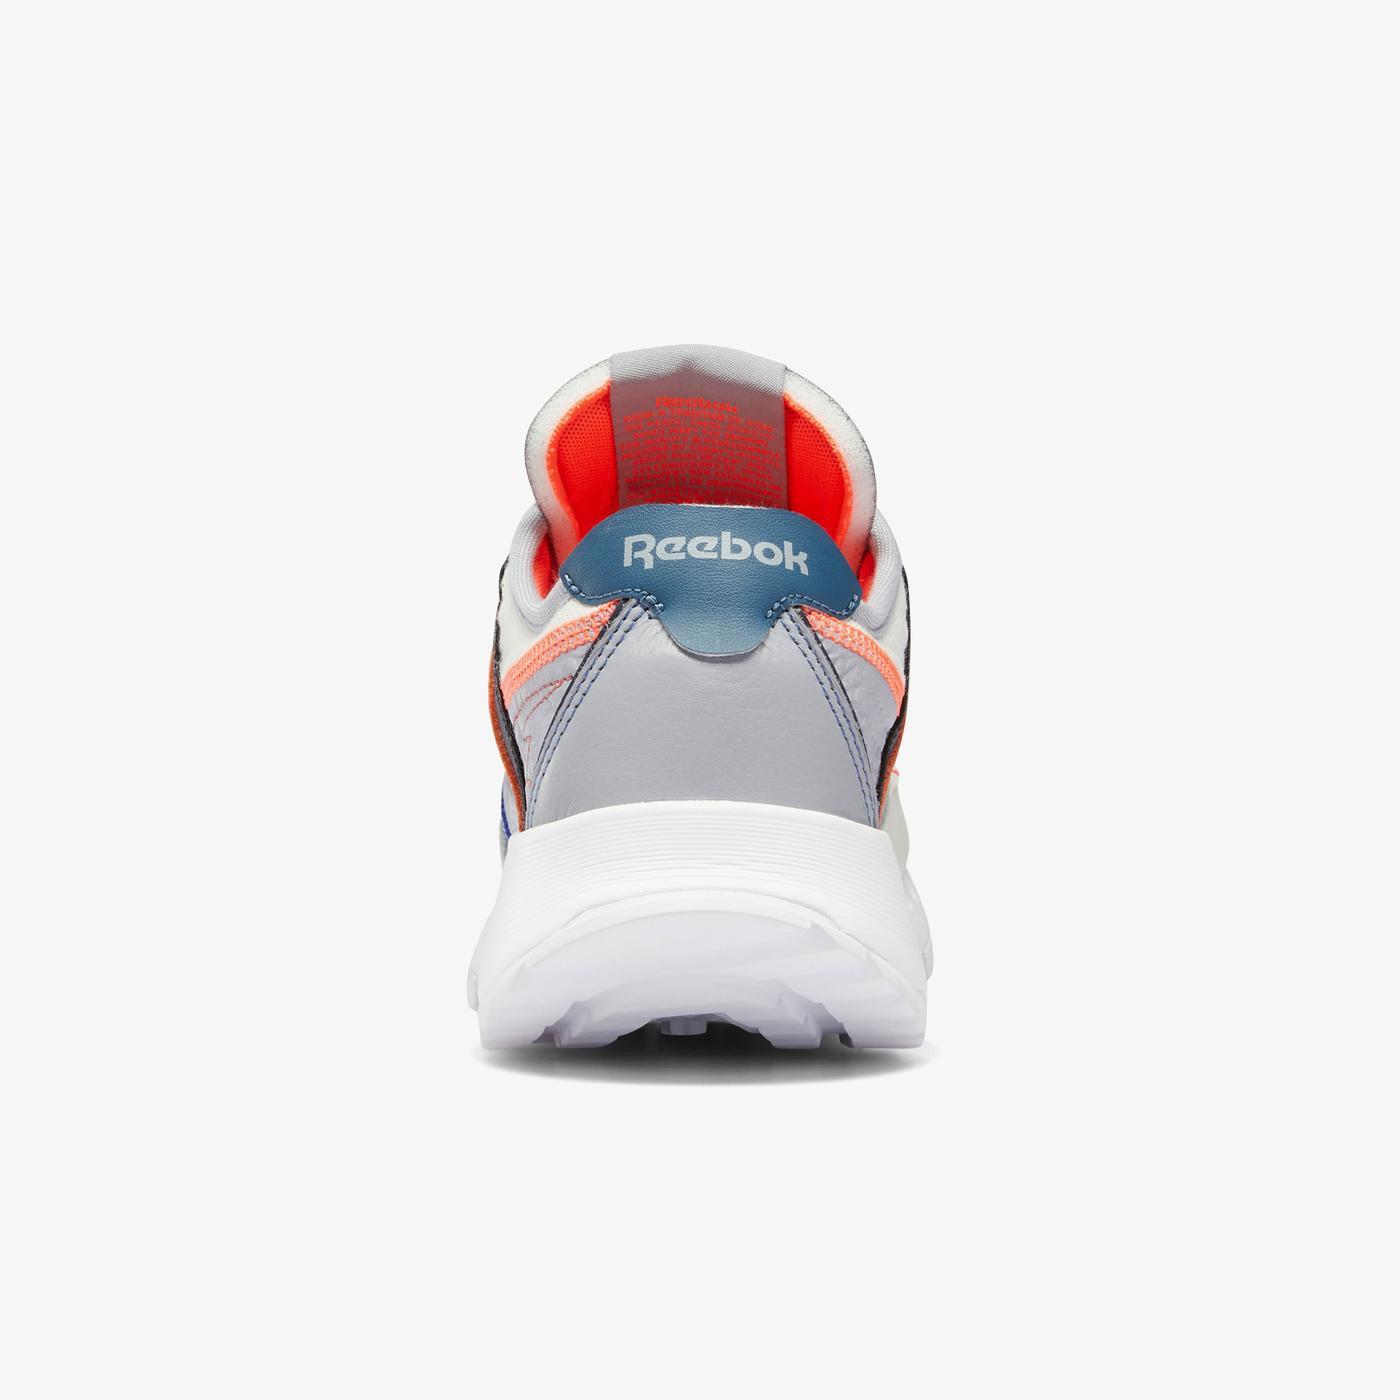 Reebok CL Legacy Pure Kadın Gri Spor Ayakkabı